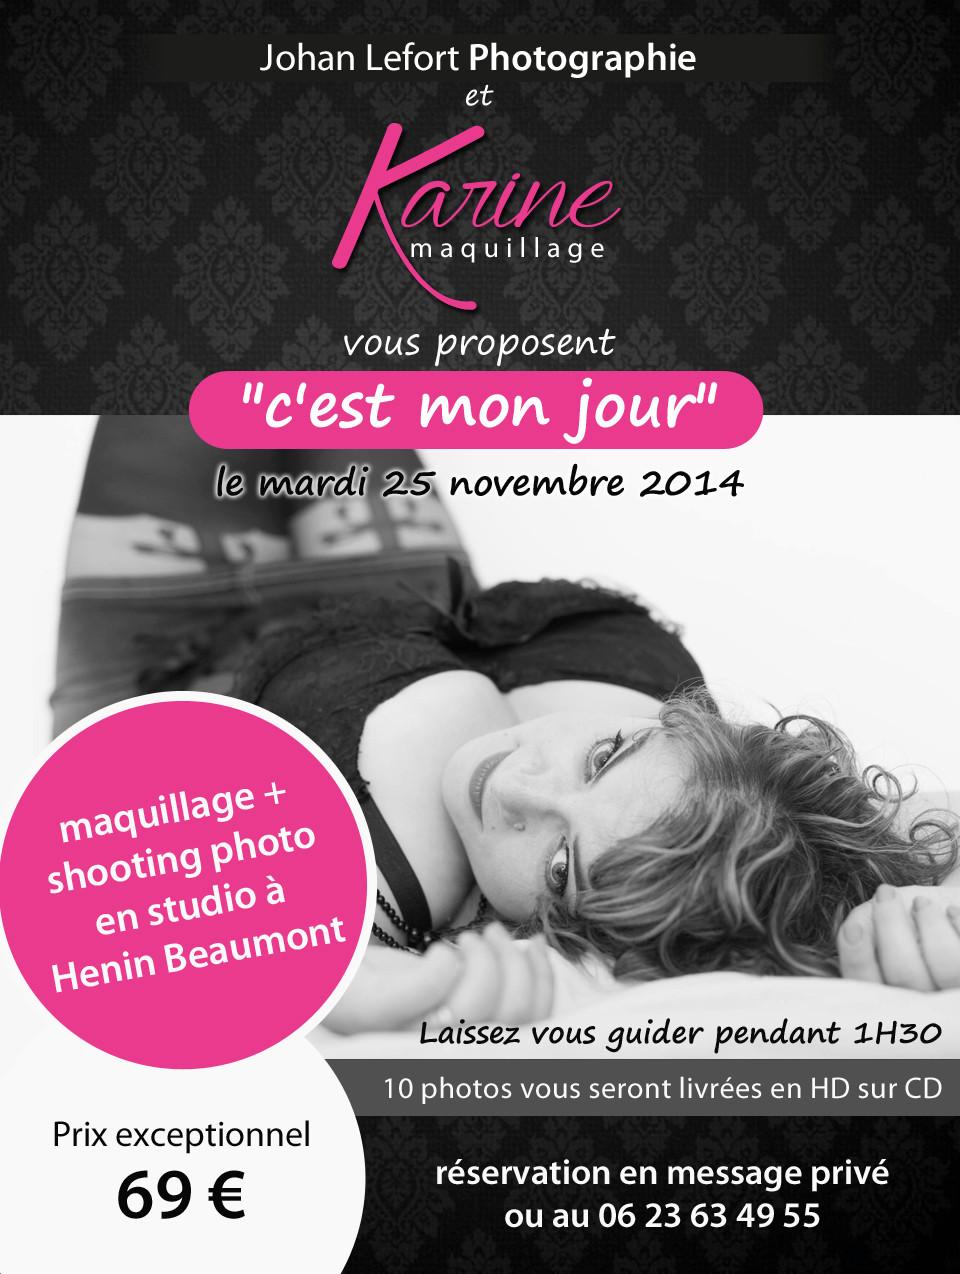 Pub-Facebook-Karine-maquillage (3).jpg